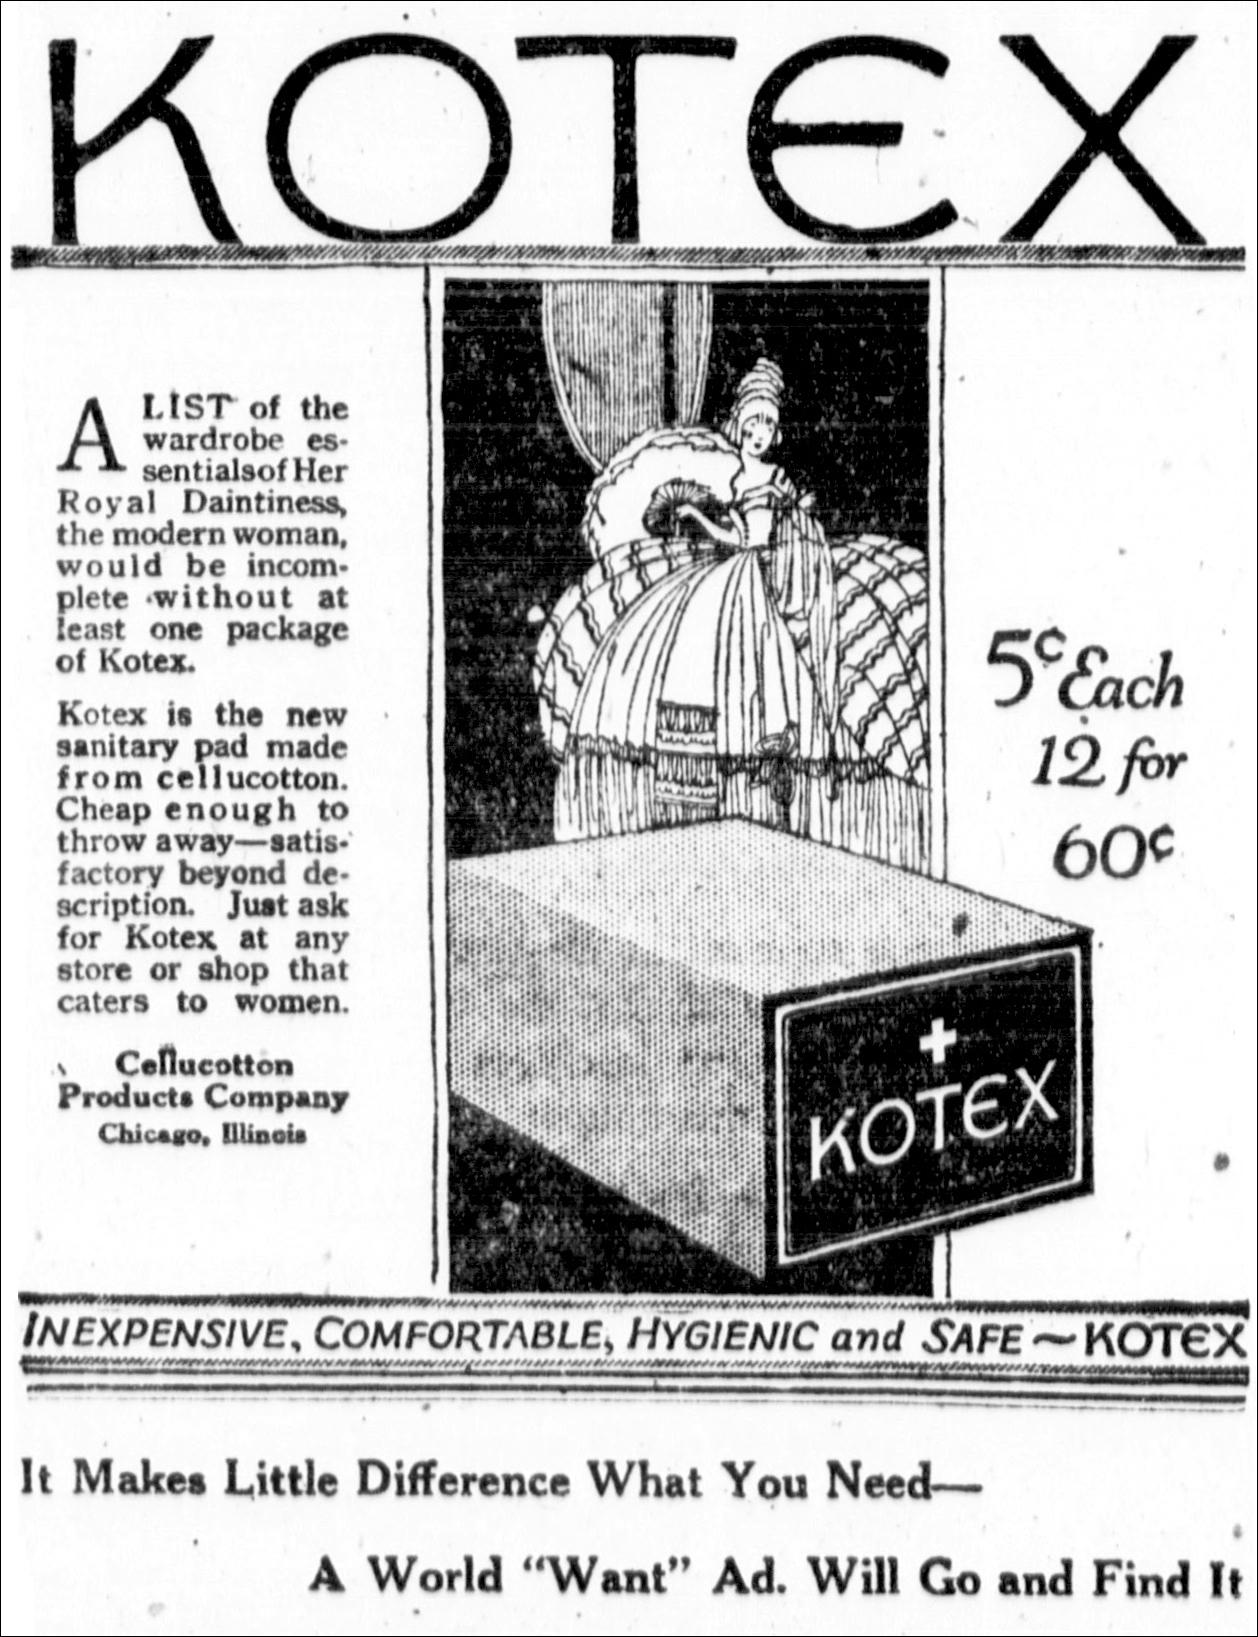 Image publicitaire de kotex en 1920